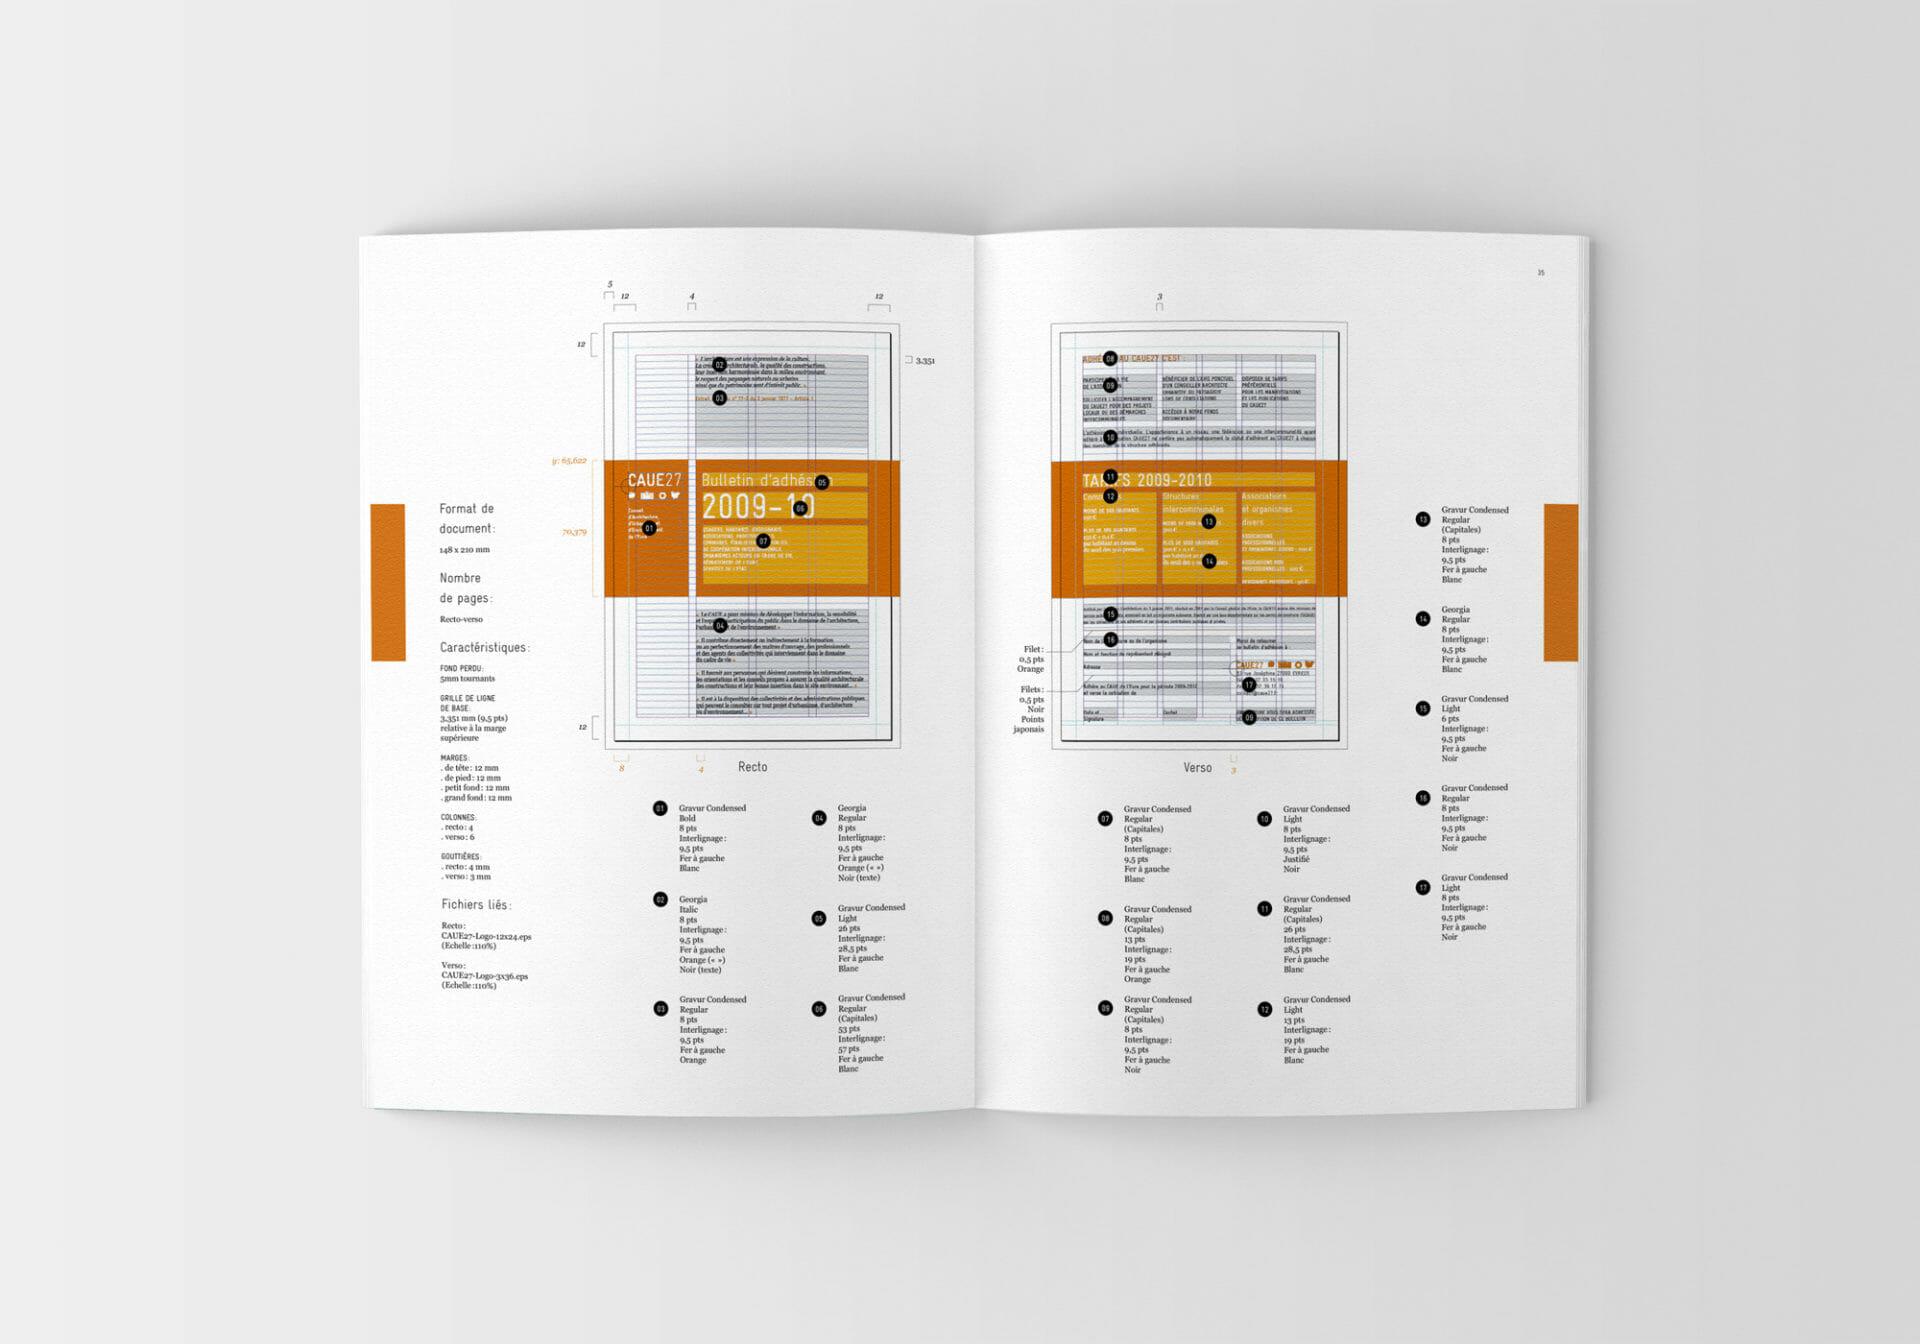 CAUE27-brochure-mockup-02